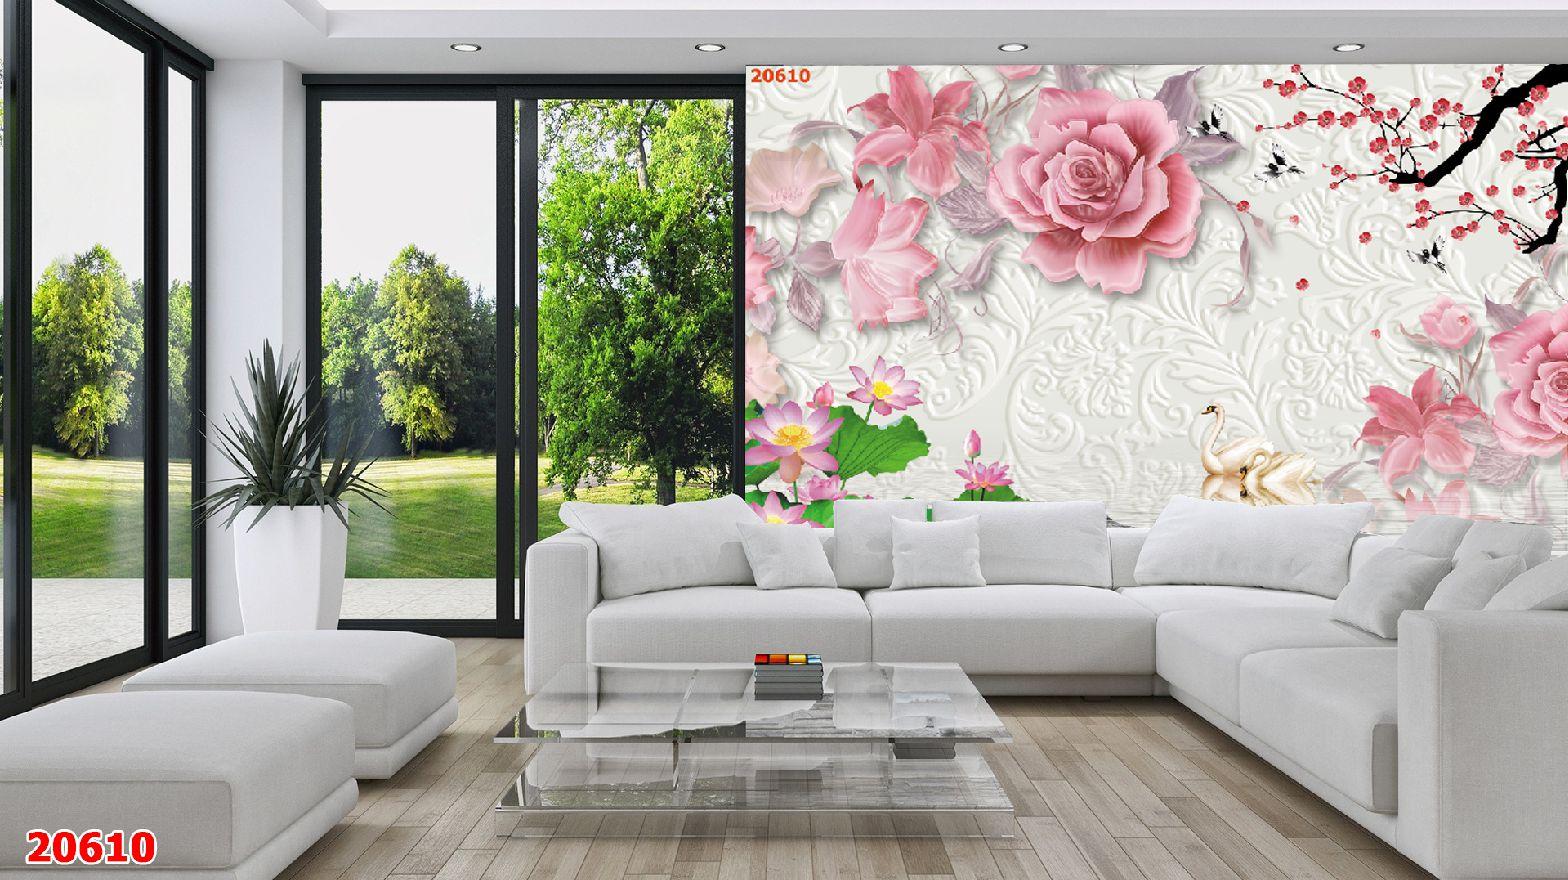 Tranh Hoa 3D - 20610